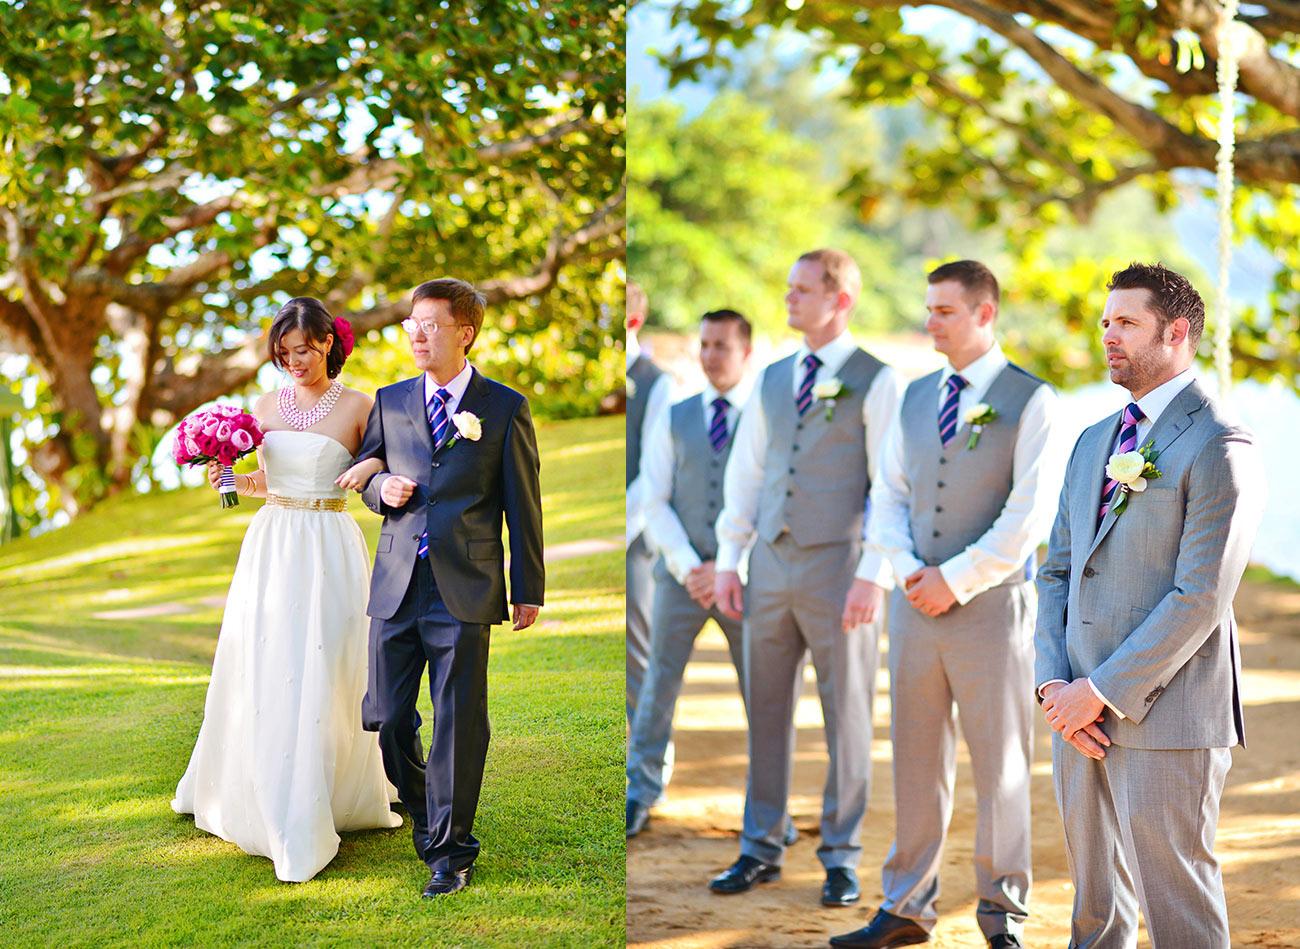 Kauai-Island-Hawaii-wedding-photo-(57).jpg